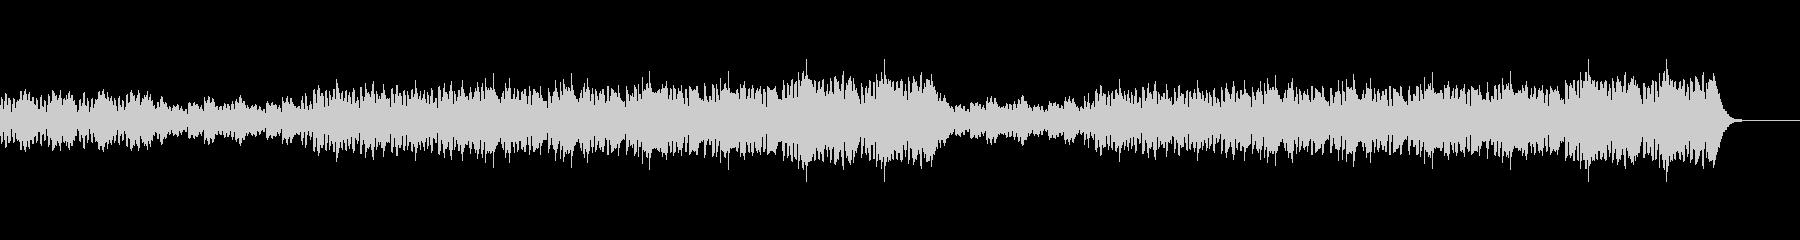 打楽器とフルート、オーボエの軽快なBGMの未再生の波形